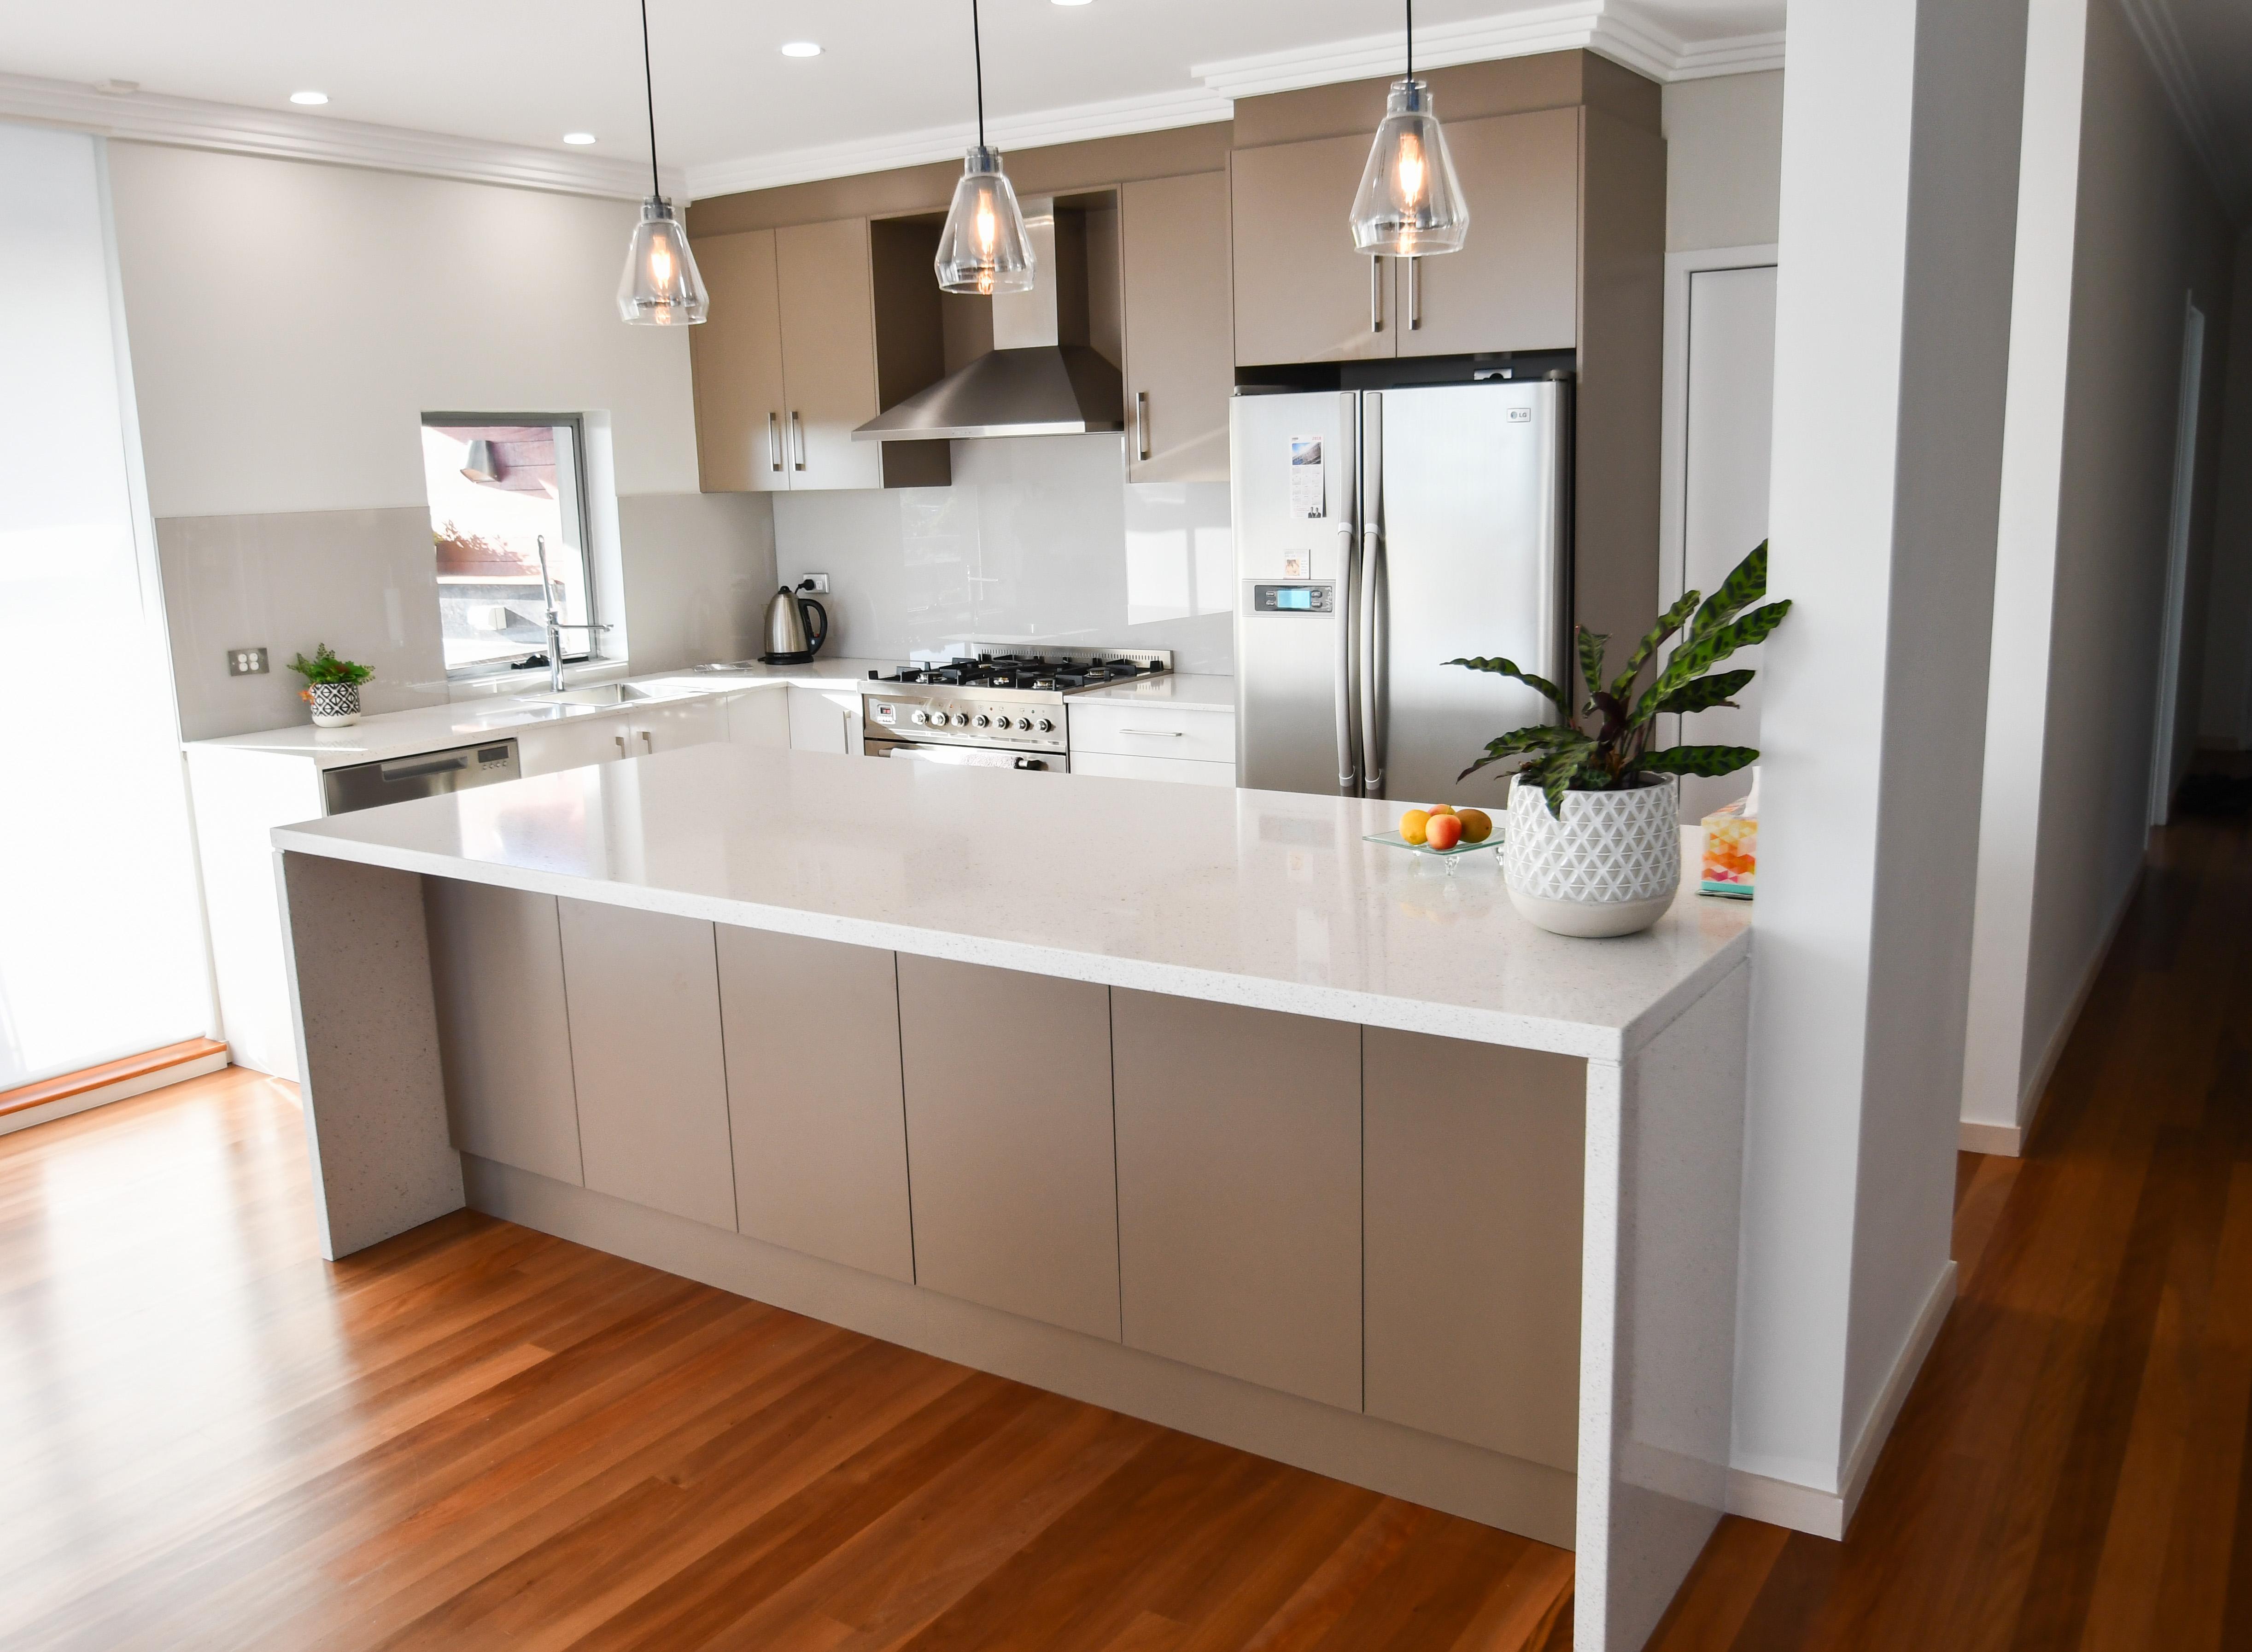 Practical Laminate Kitchens Cdk